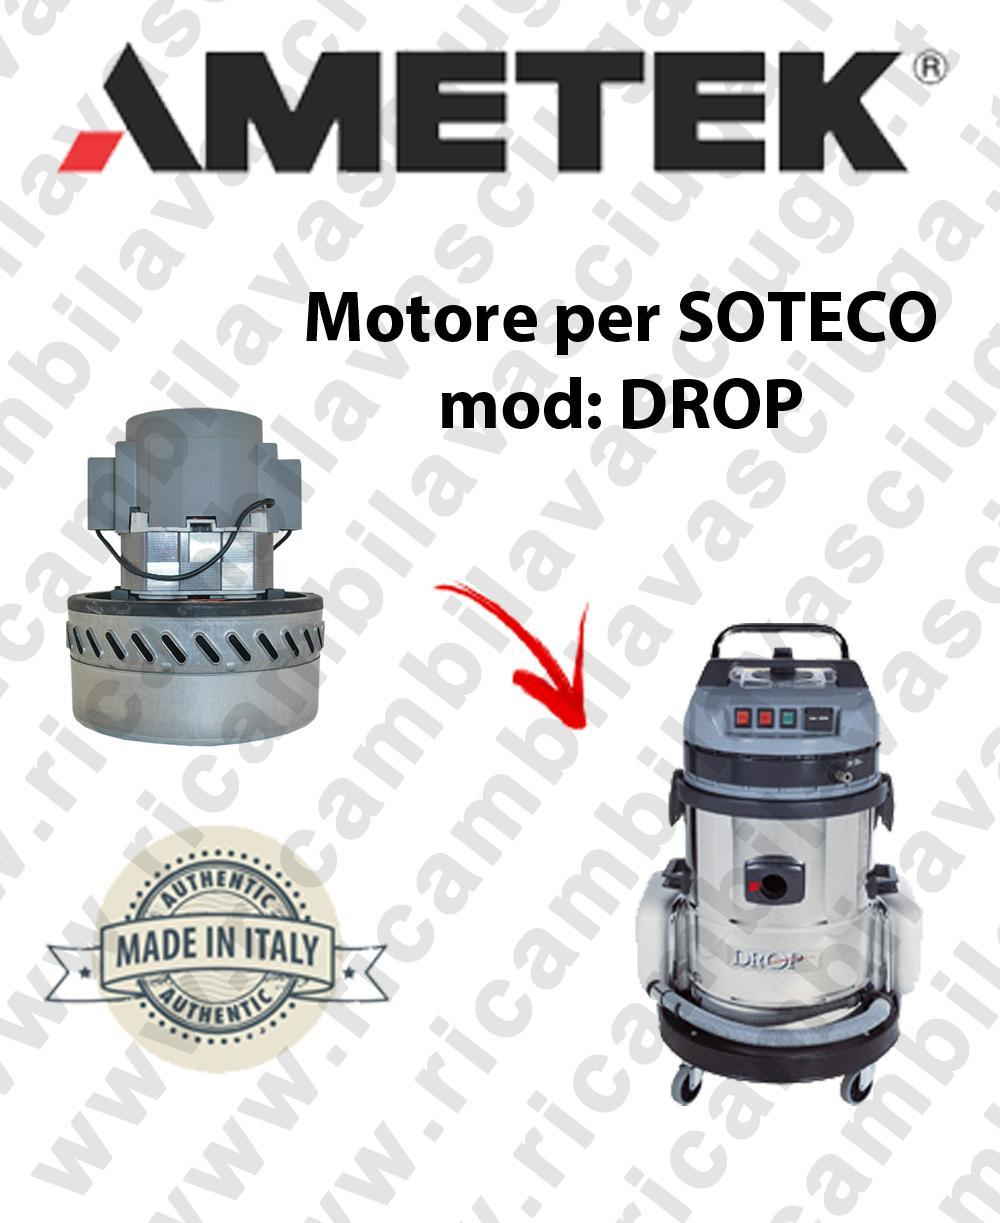 DROP Saugmotor AMETEK für Staubsauger SOTECO